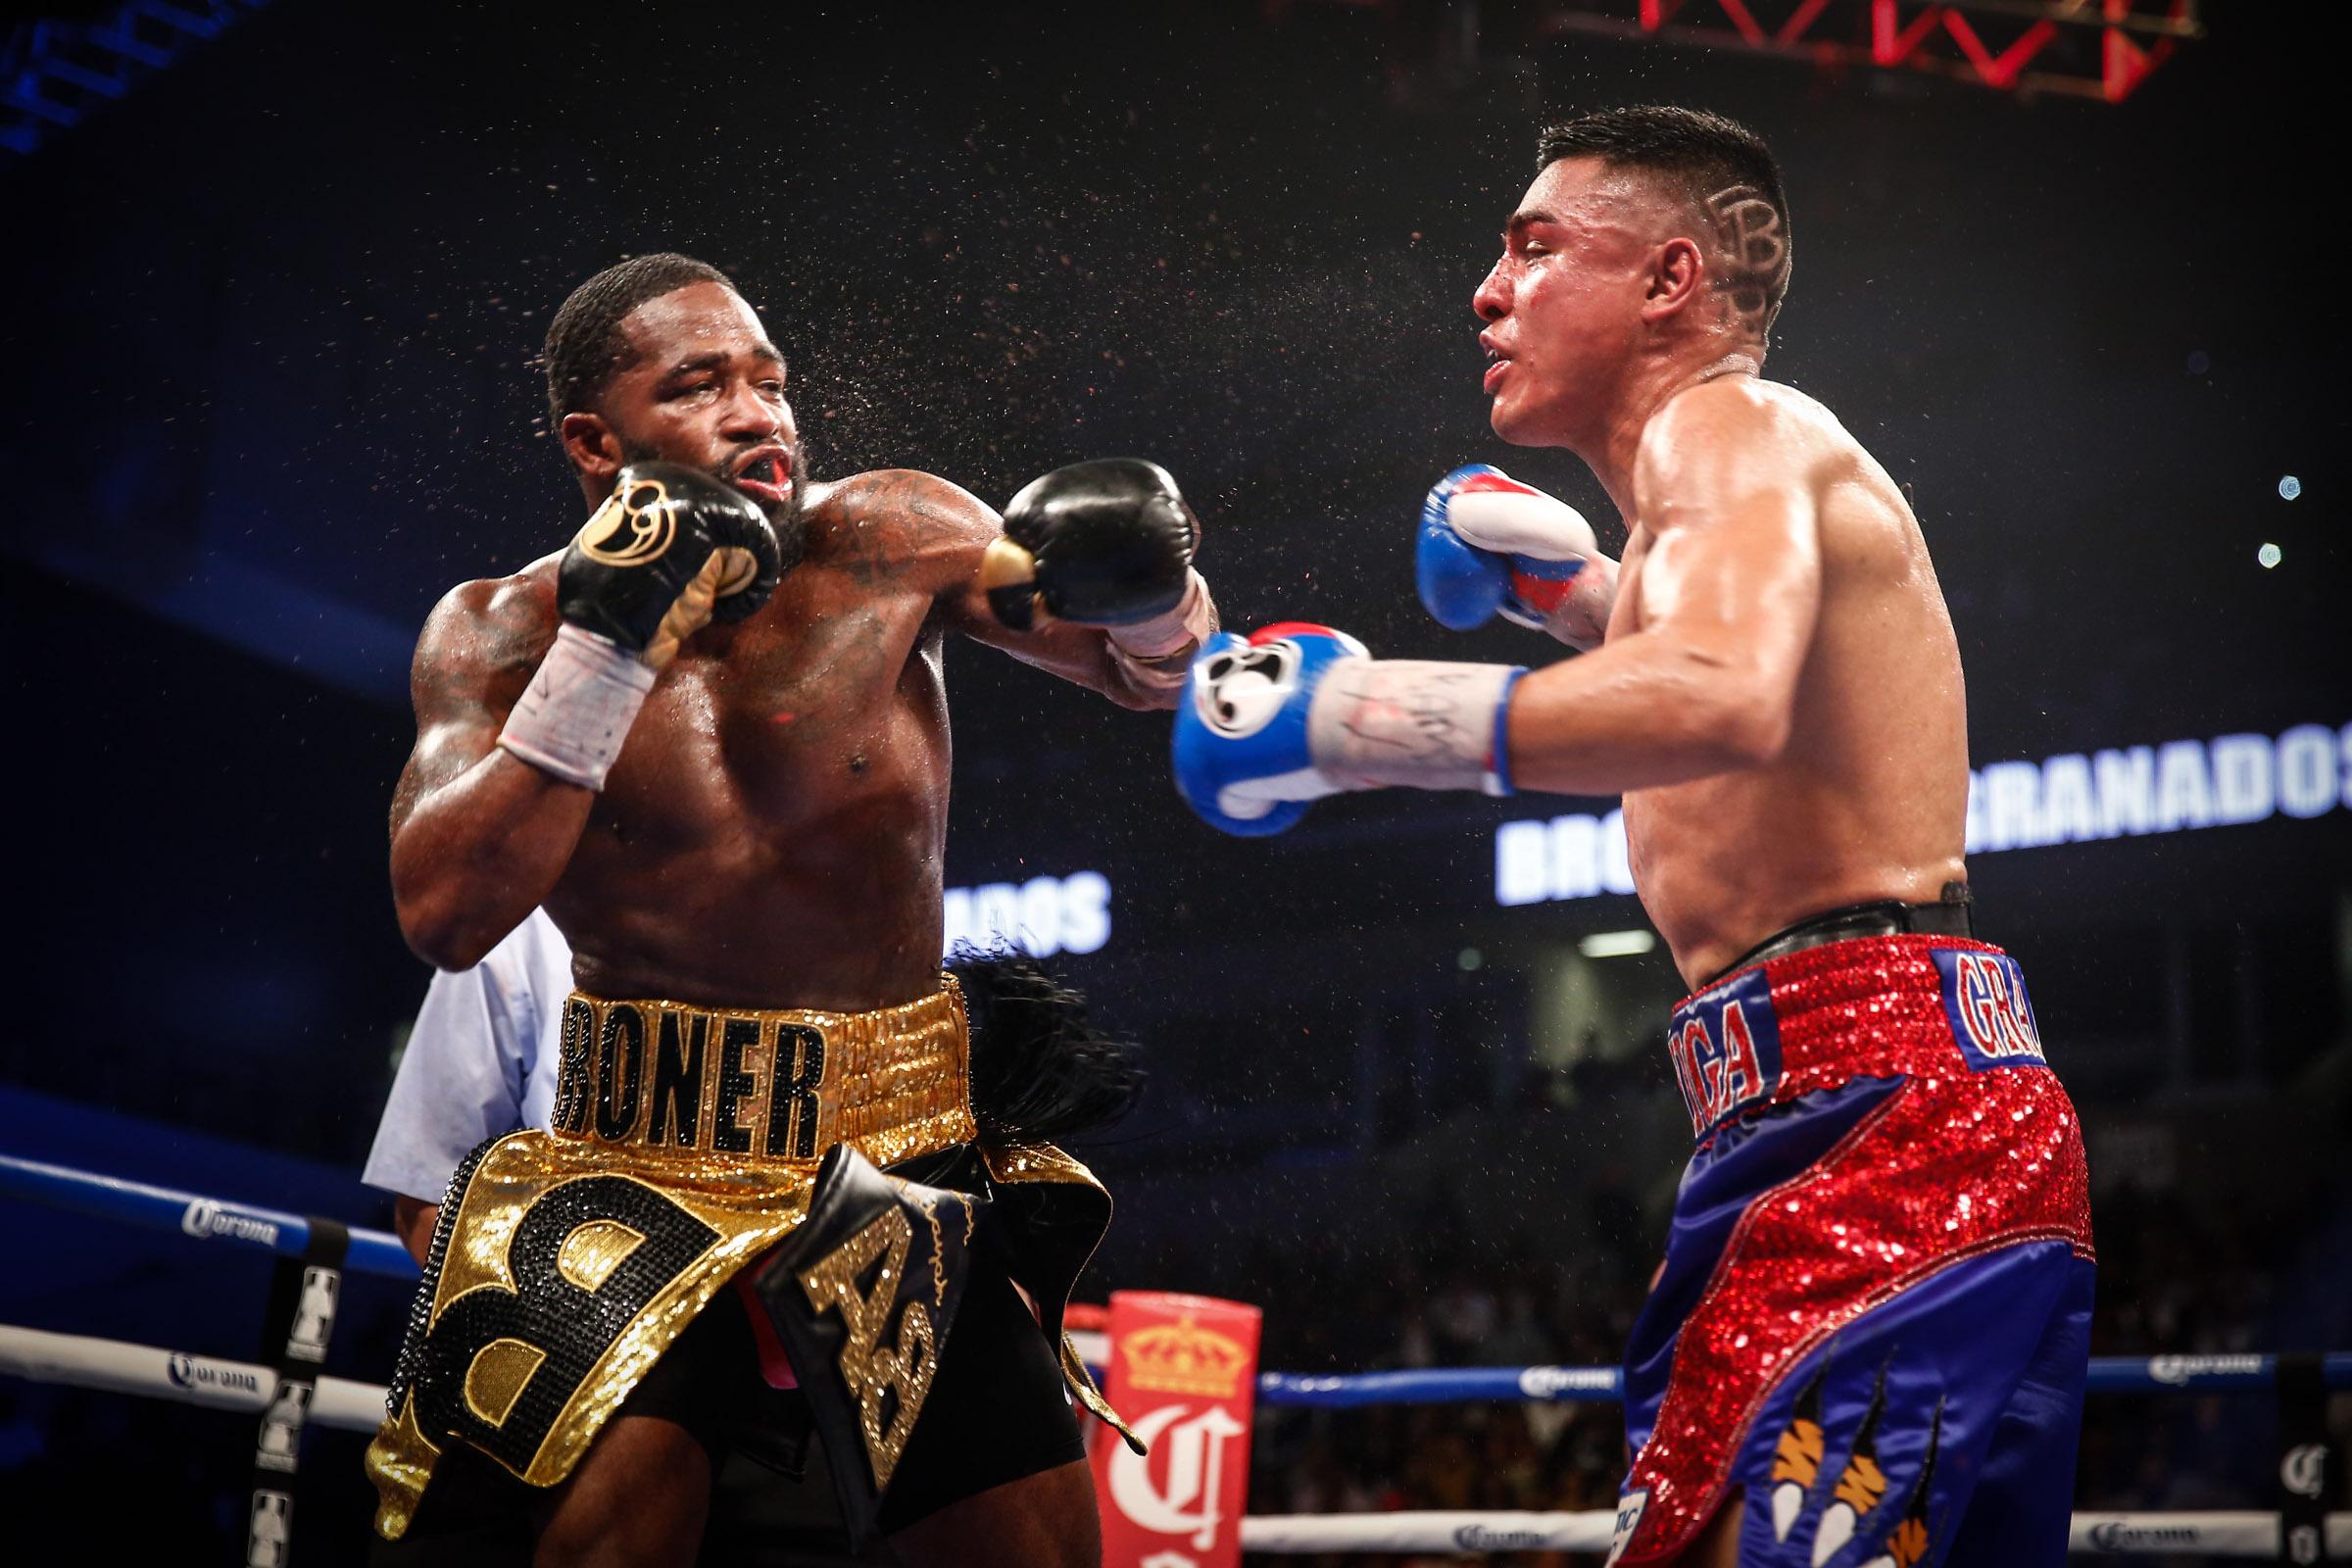 LR_SHO-FIGHT NIGHT-BRONER VS GRANADOS-02182017-0026.jpg